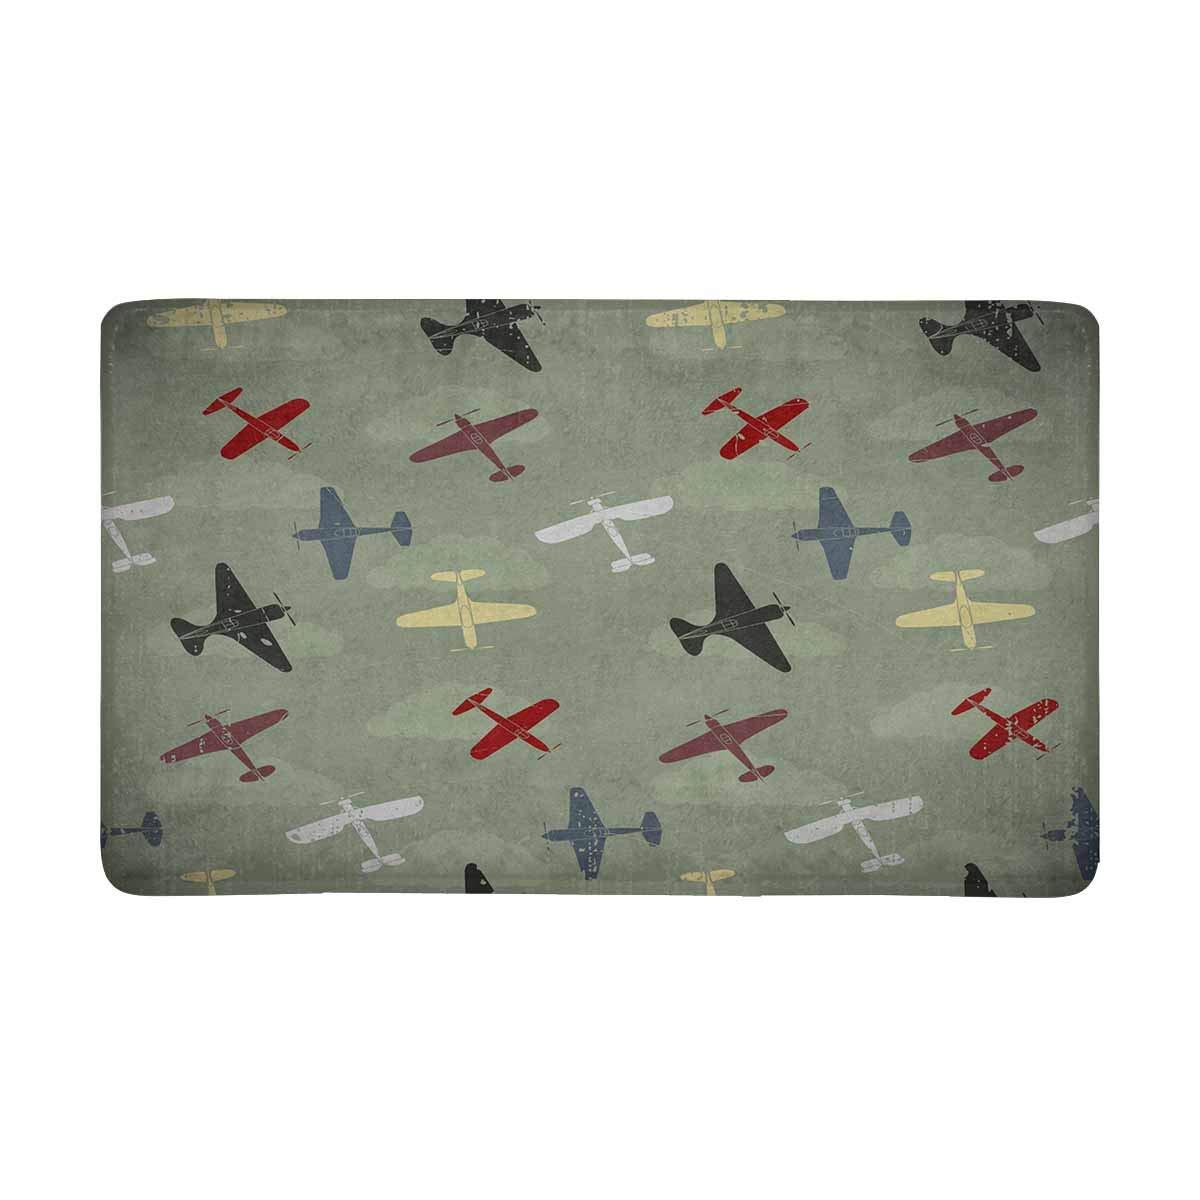 InterestPrint Retro War Planes Pattern Indoor Entrance Rug Floor Mats Shoe Scraper Doormat 30 X 18 Inches